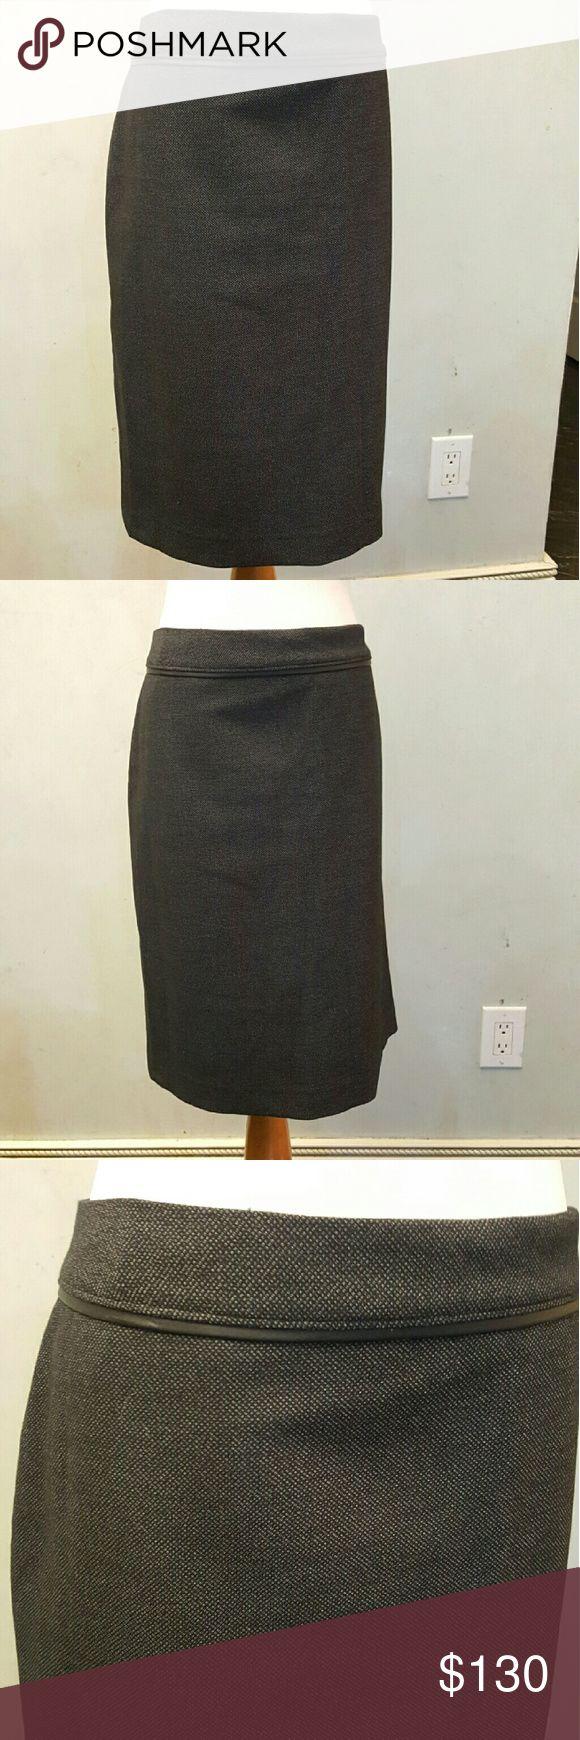 NWT Tahari black skirt Black knee length Tahari skirt. Brand new with tags. Tahari Skirts Midi